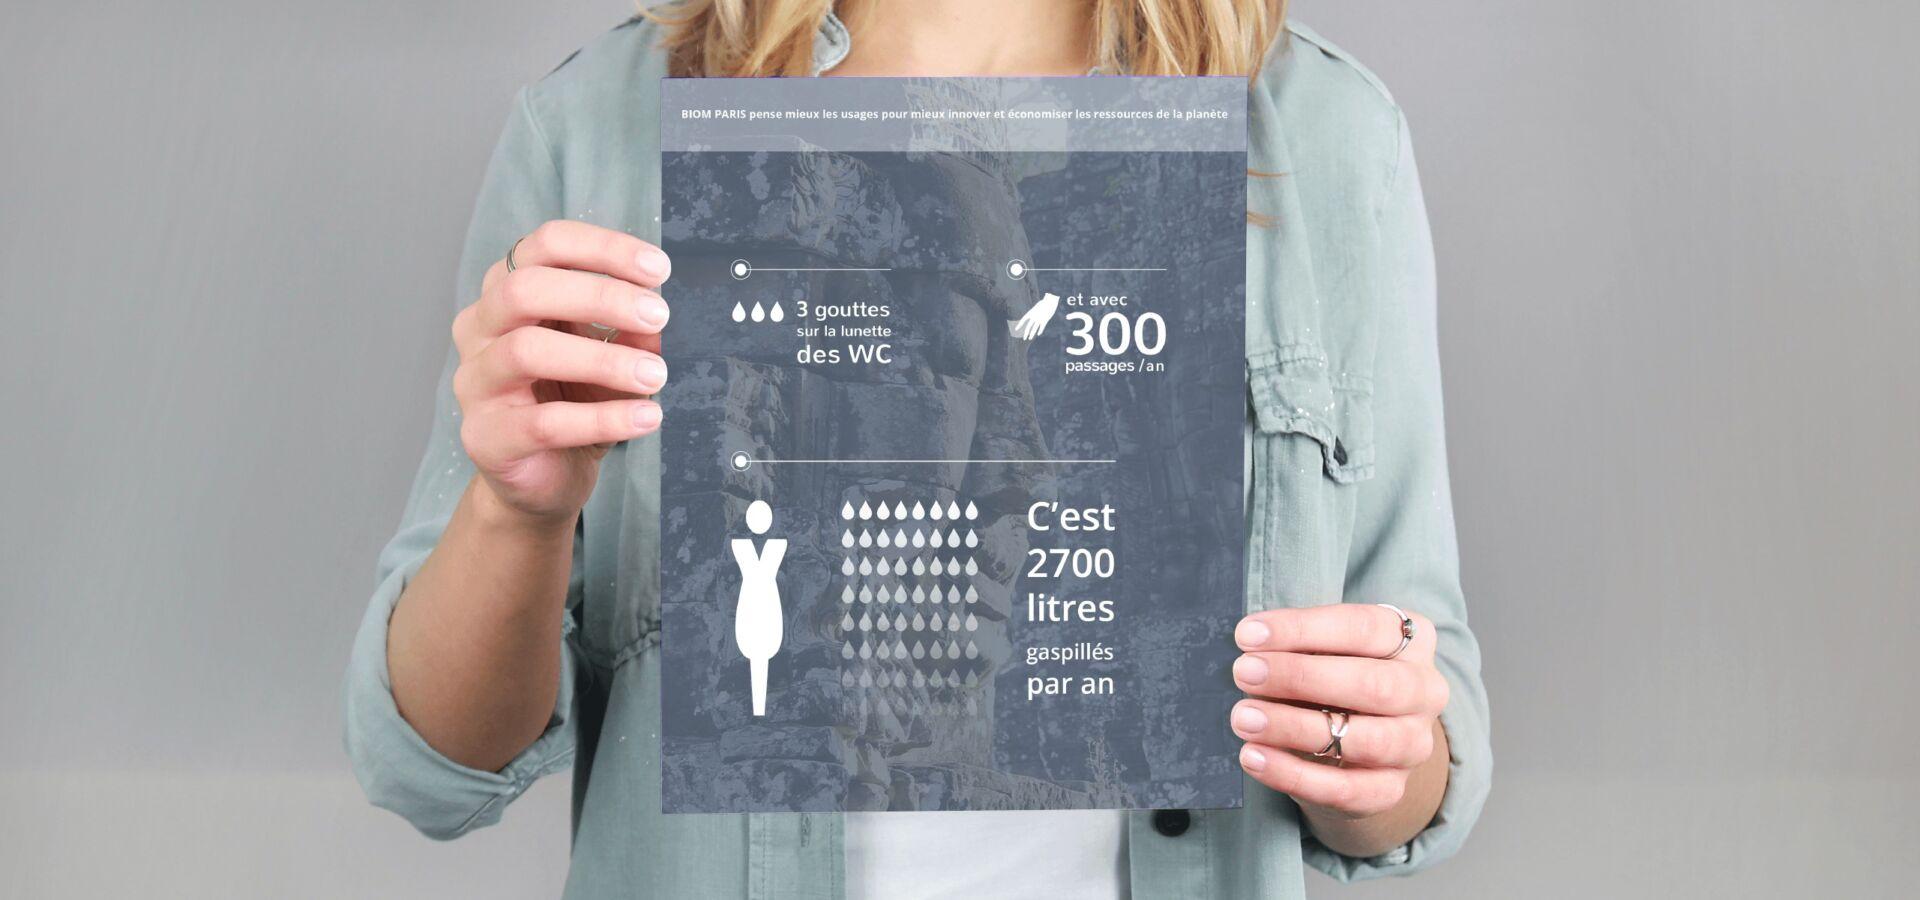 Projet pourBiom Paris par l'agence Cassian